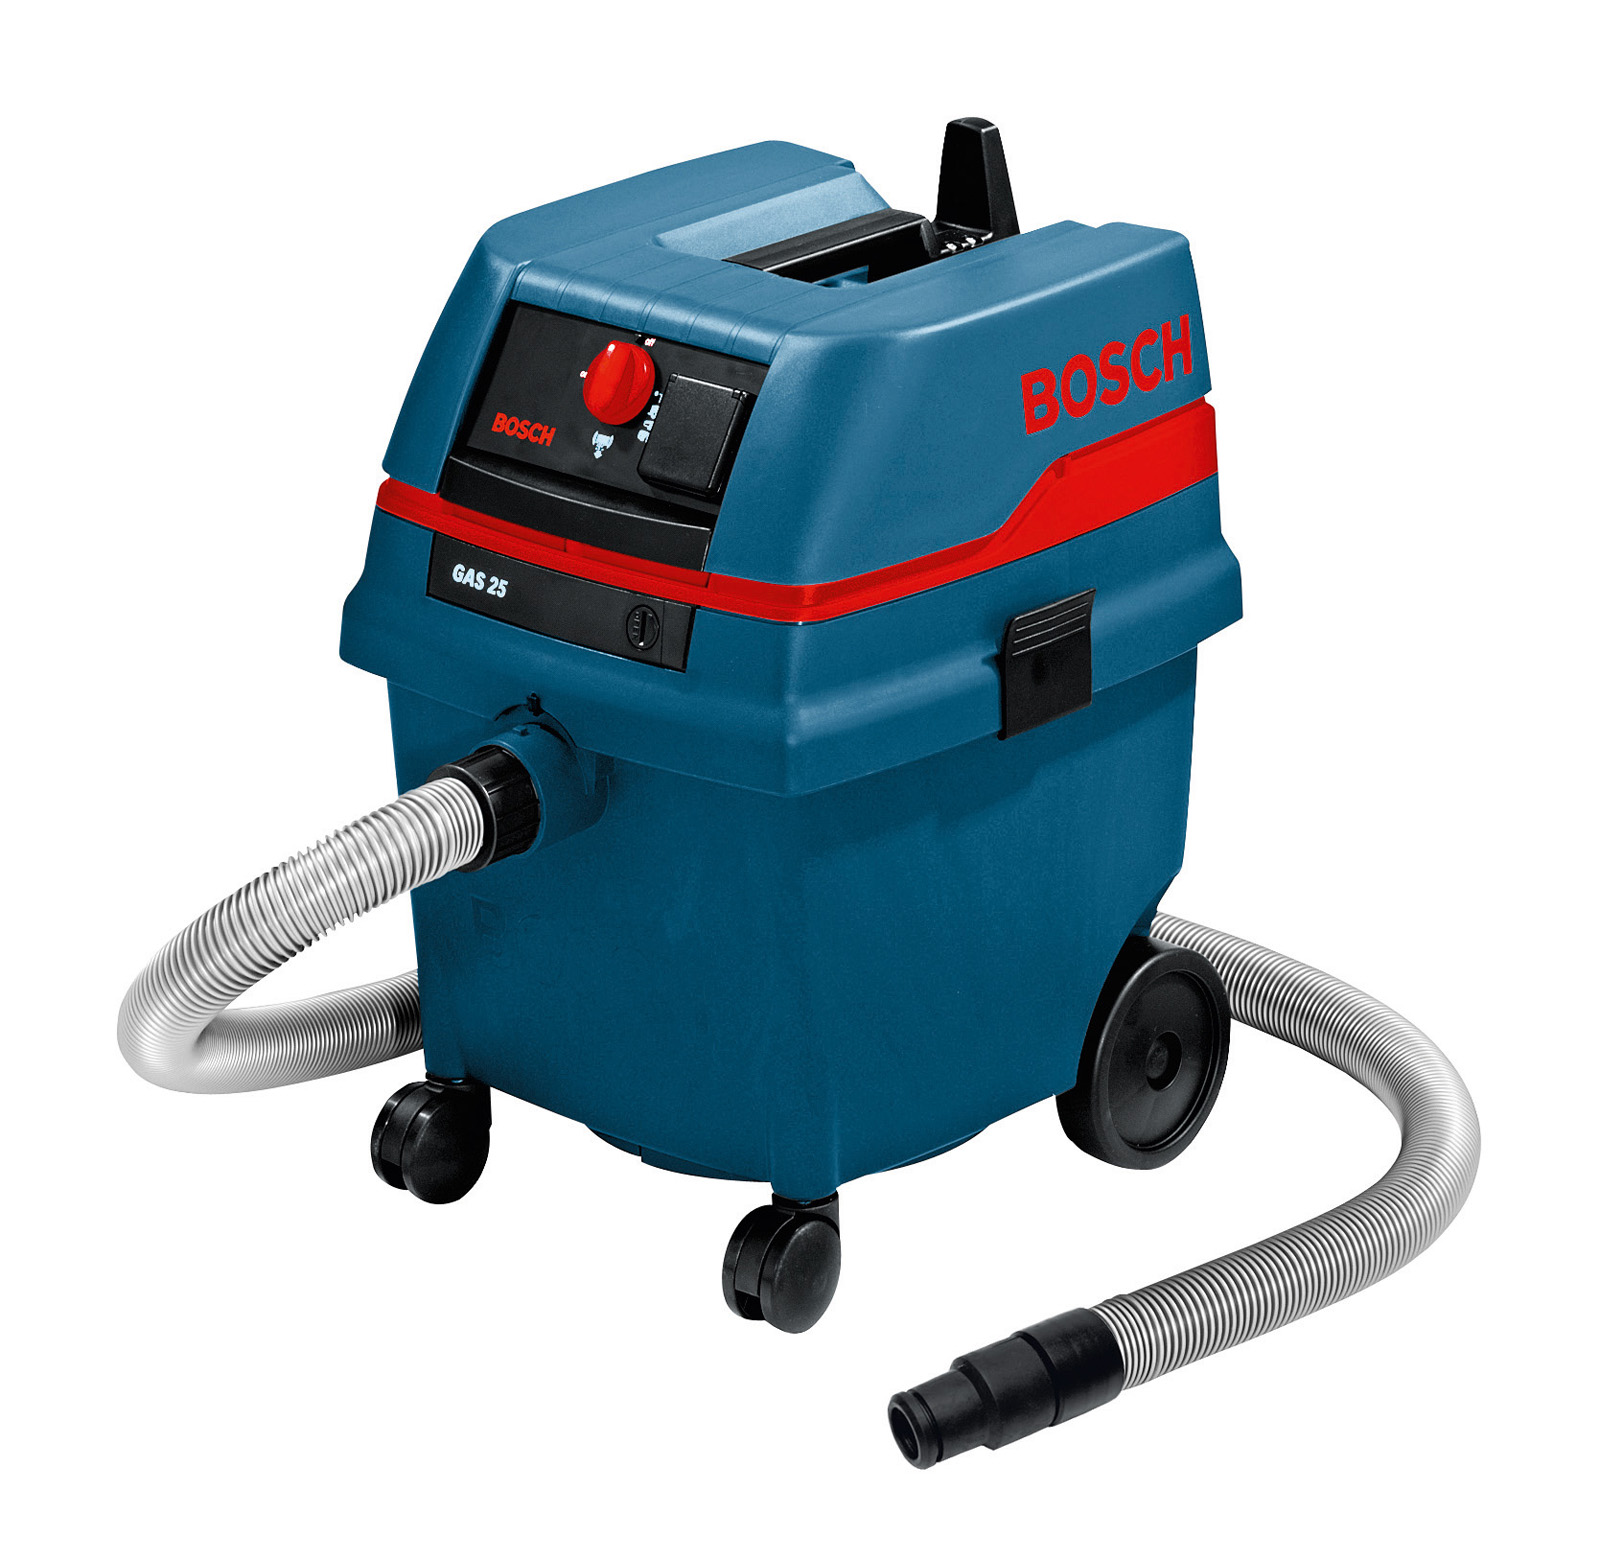 Пылесос Bosch Gas 25 l sfc